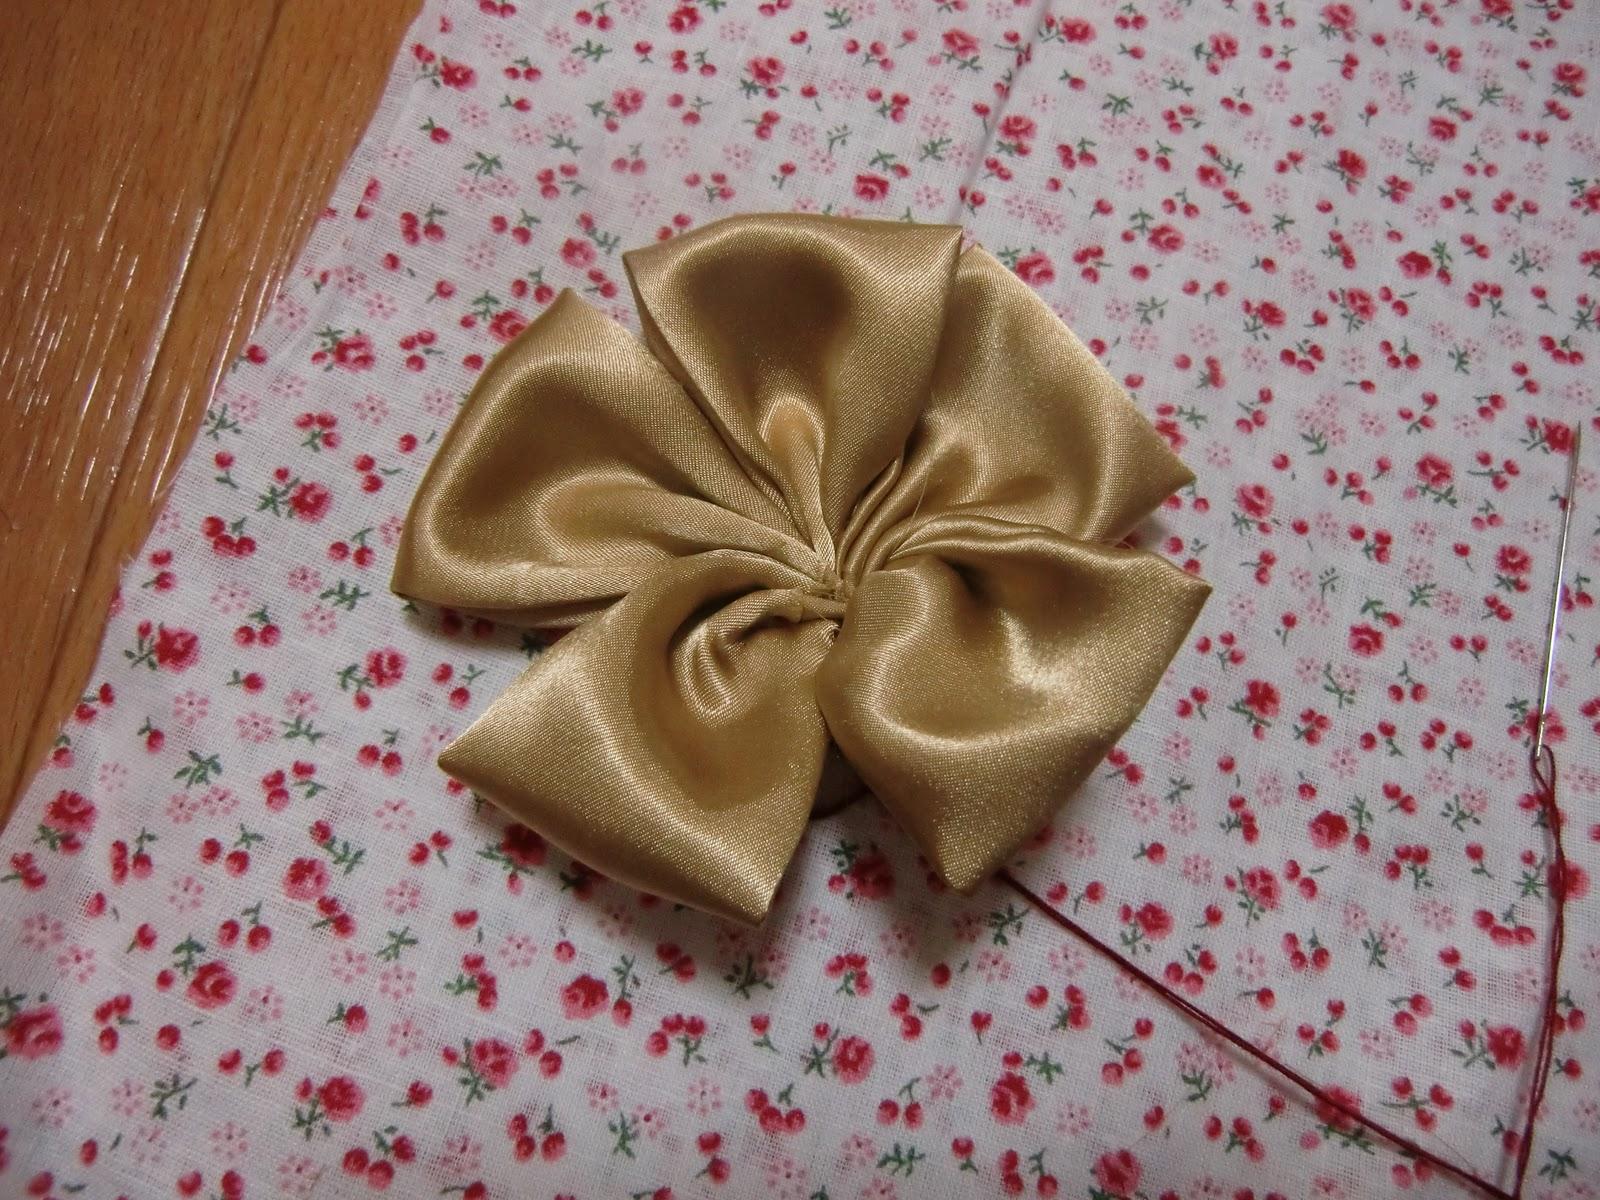 10. Jahit kain felt di belakangnya agar bunga tidak lepas-lepas.